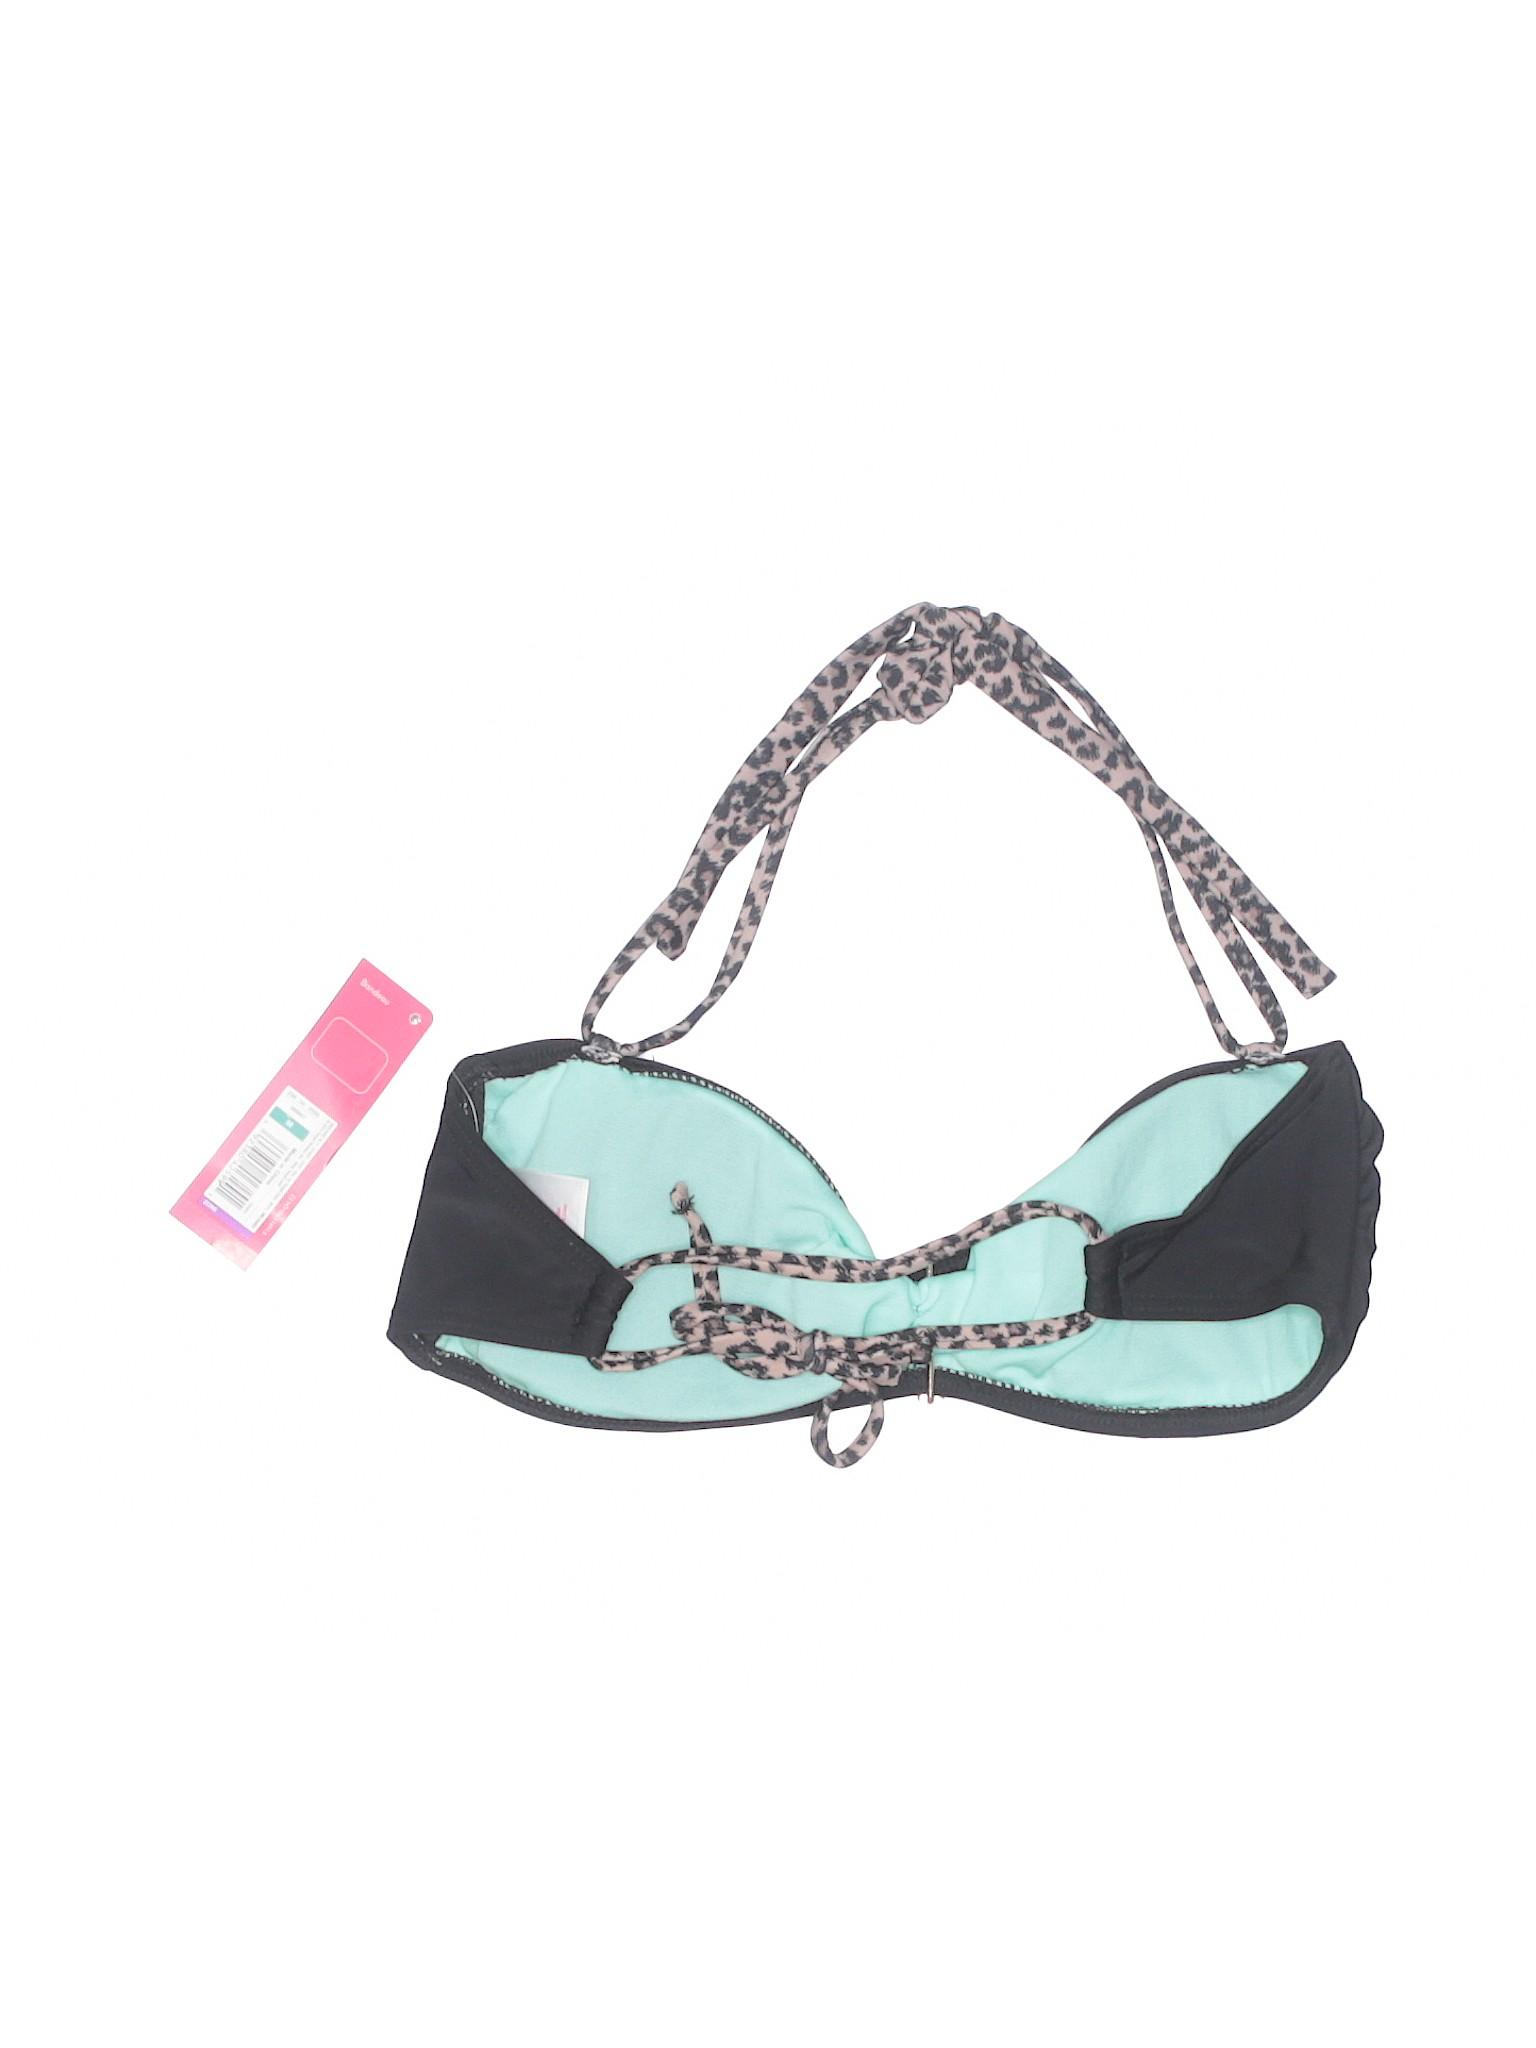 Xhilaration Boutique Swimsuit Top Xhilaration Boutique Swimsuit Top Boutique Xhilaration qETSRx5w